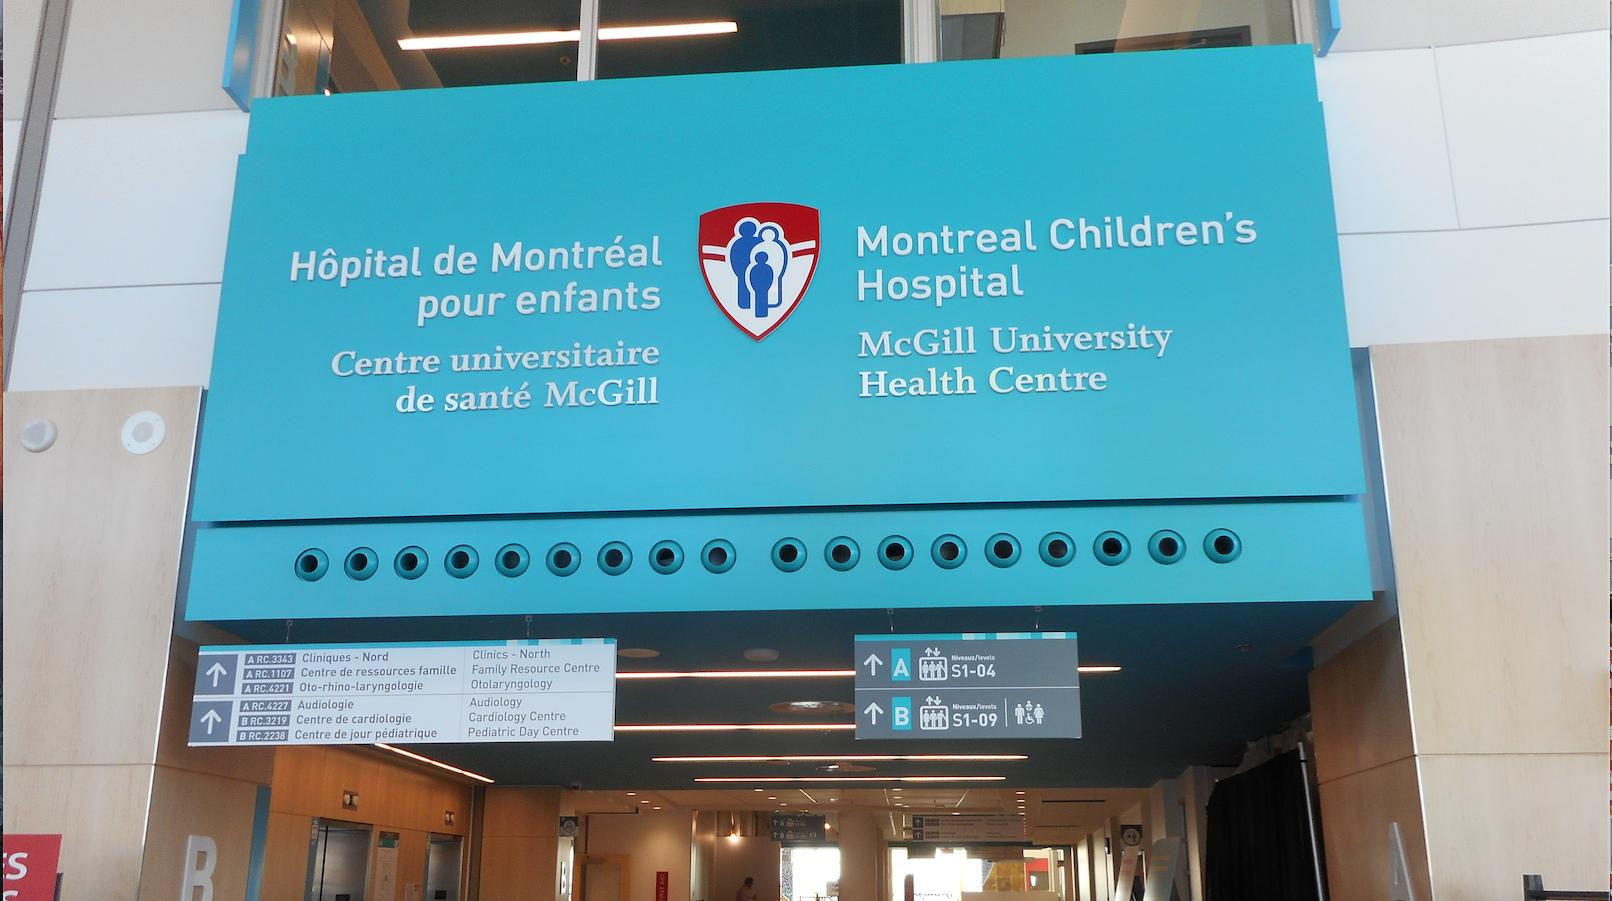 Hôpital pour enfants de Montréal